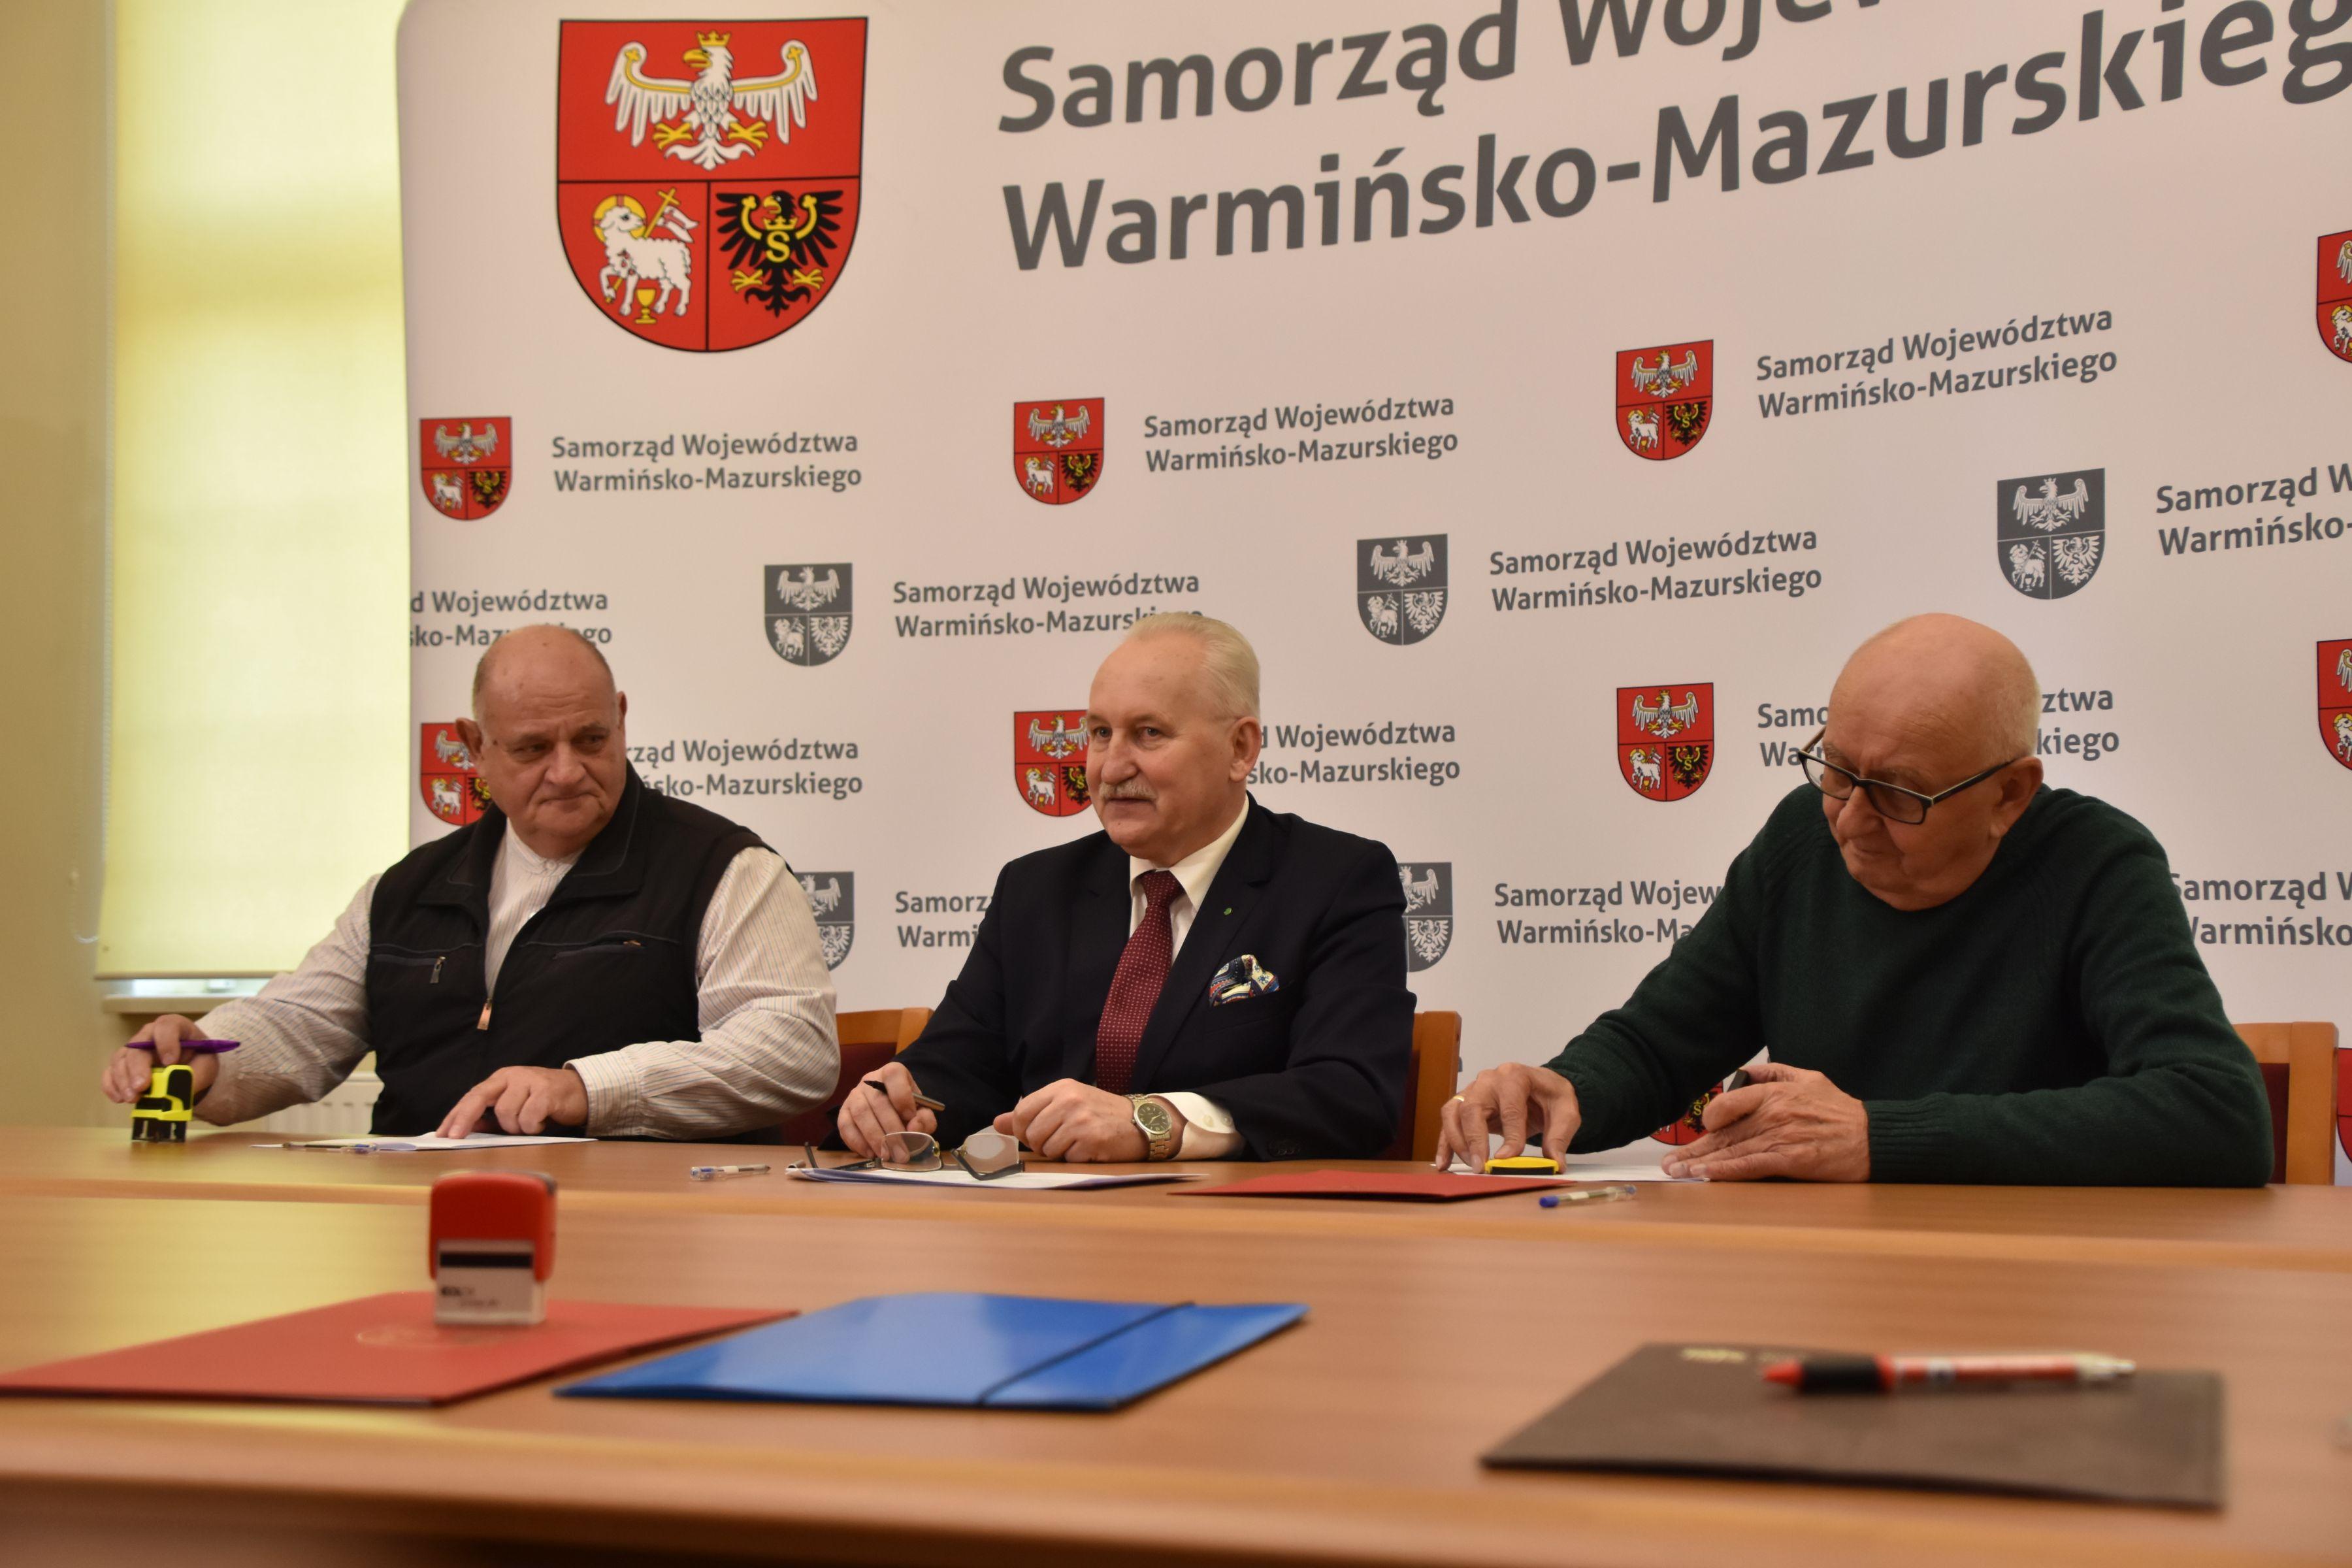 Samorządy różnego szczebla powinny wspierać działalność organizacji ratownictwa wodnego - powiedział marszałek Gustaw Brzezin (fot. warmia.mazury.pl)